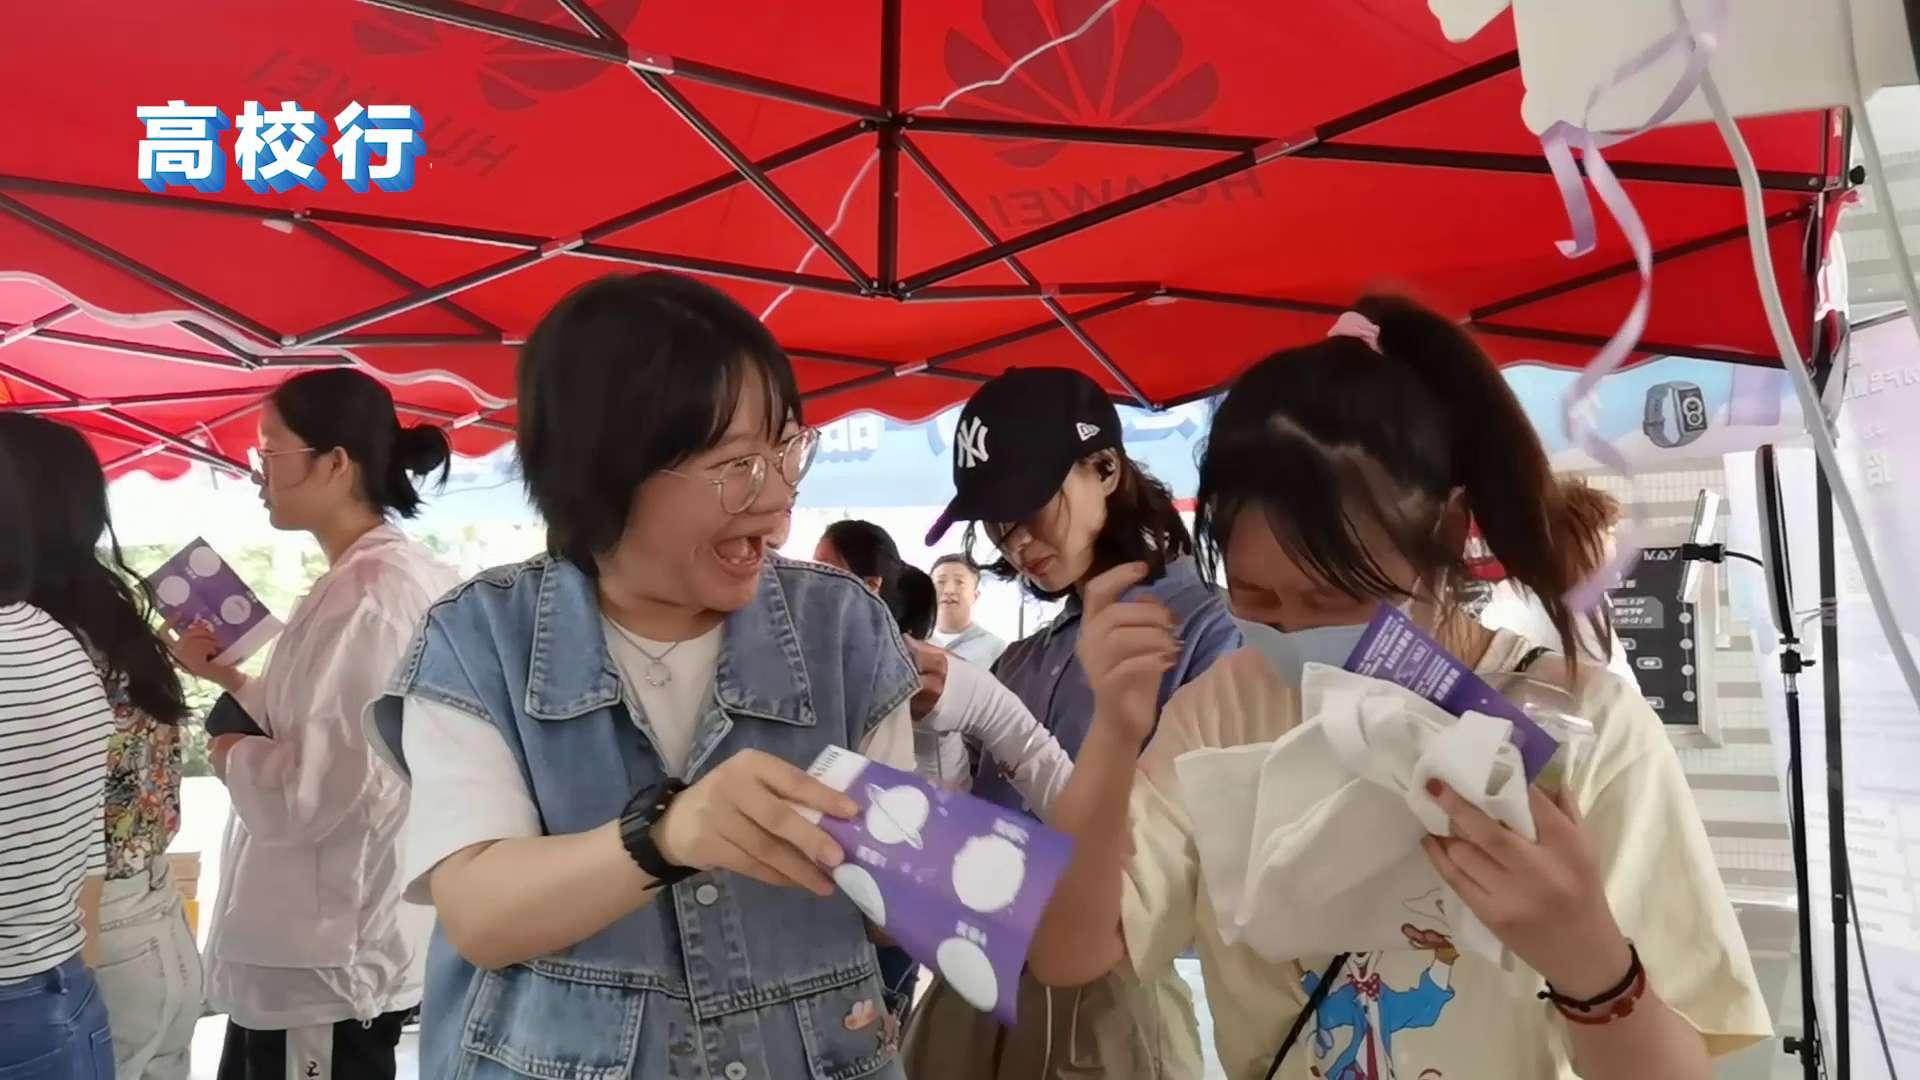 【视频直击】高校行走进暨大游园会,这里有你不能错过的精彩!,HUAWEI WATCH GT 2/2e-花粉俱乐部